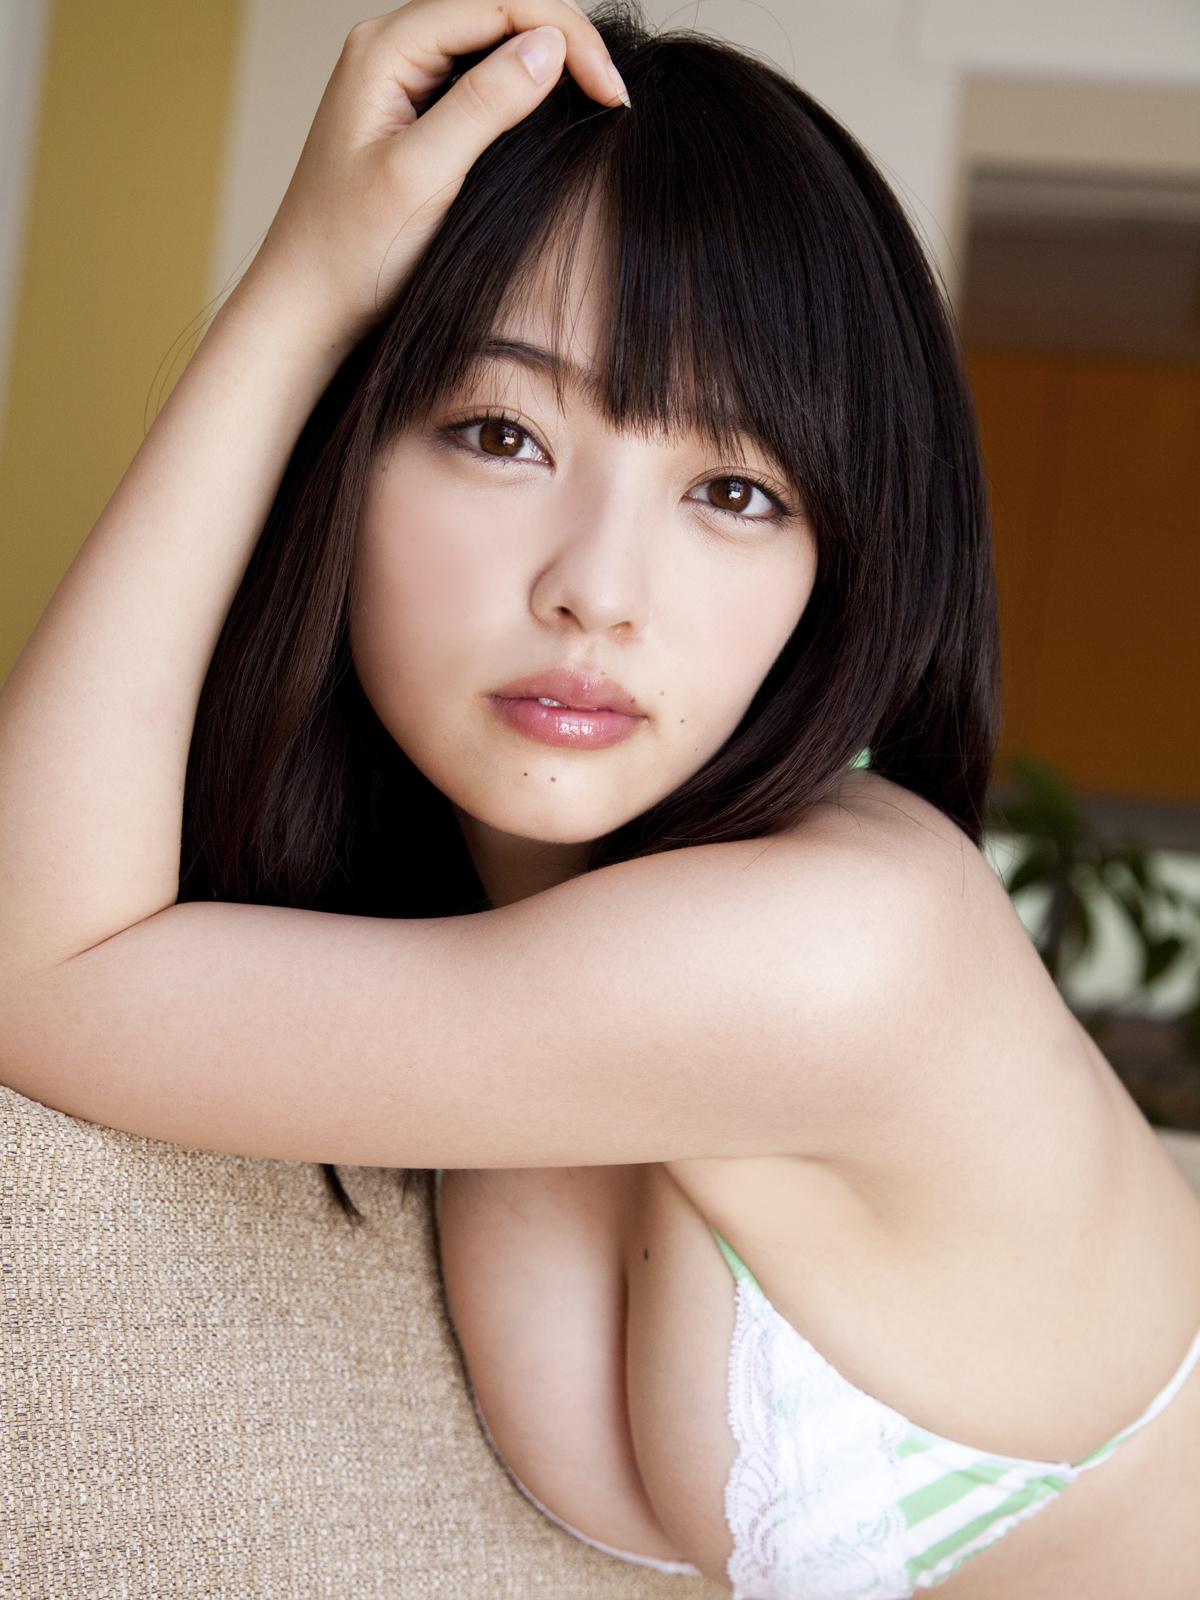 安藤遥51